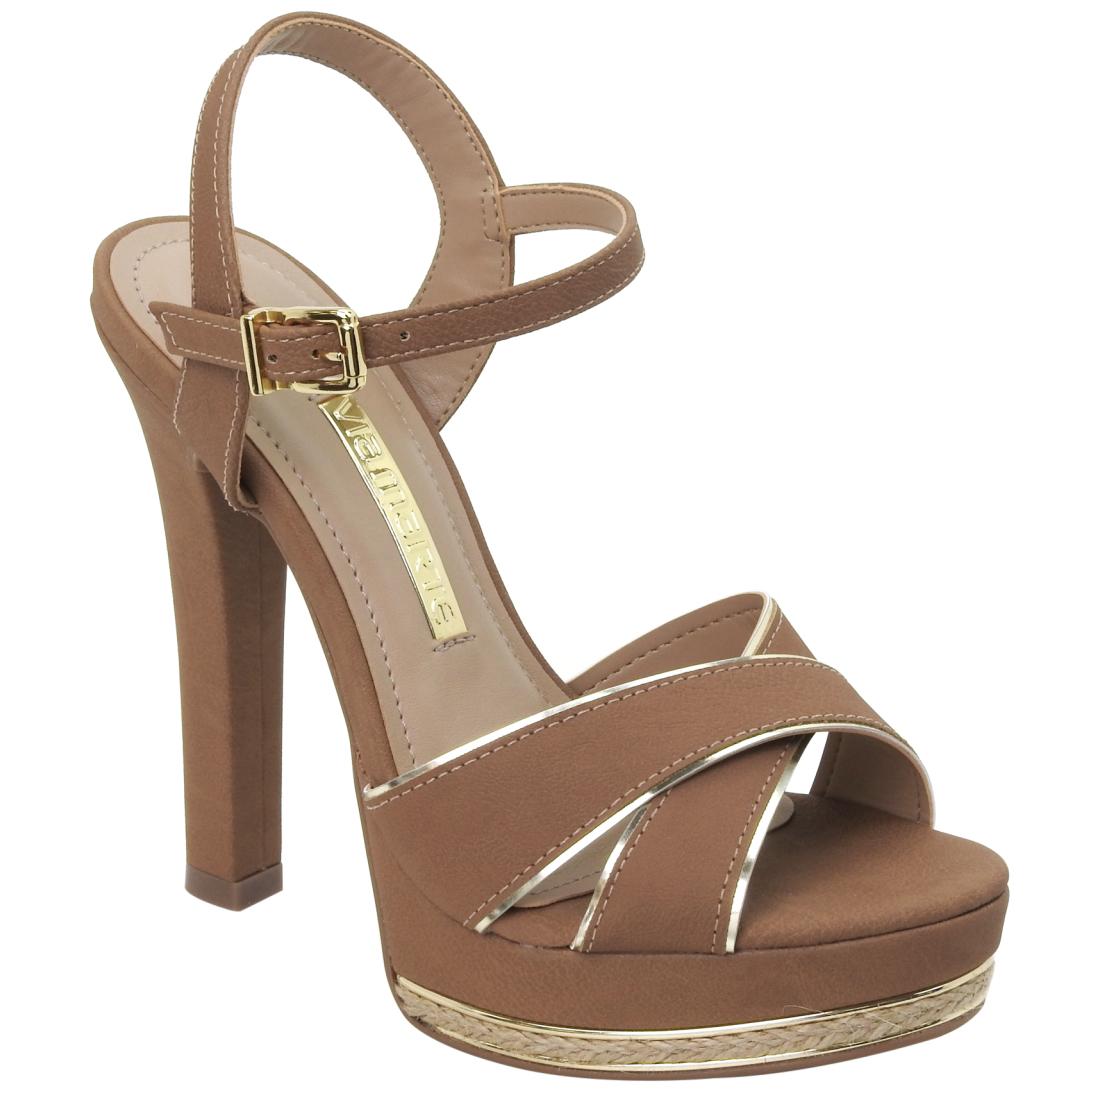 16-11803-CAMEL-DOURADO Moda de rua: Tenis e sapatos Metalizados